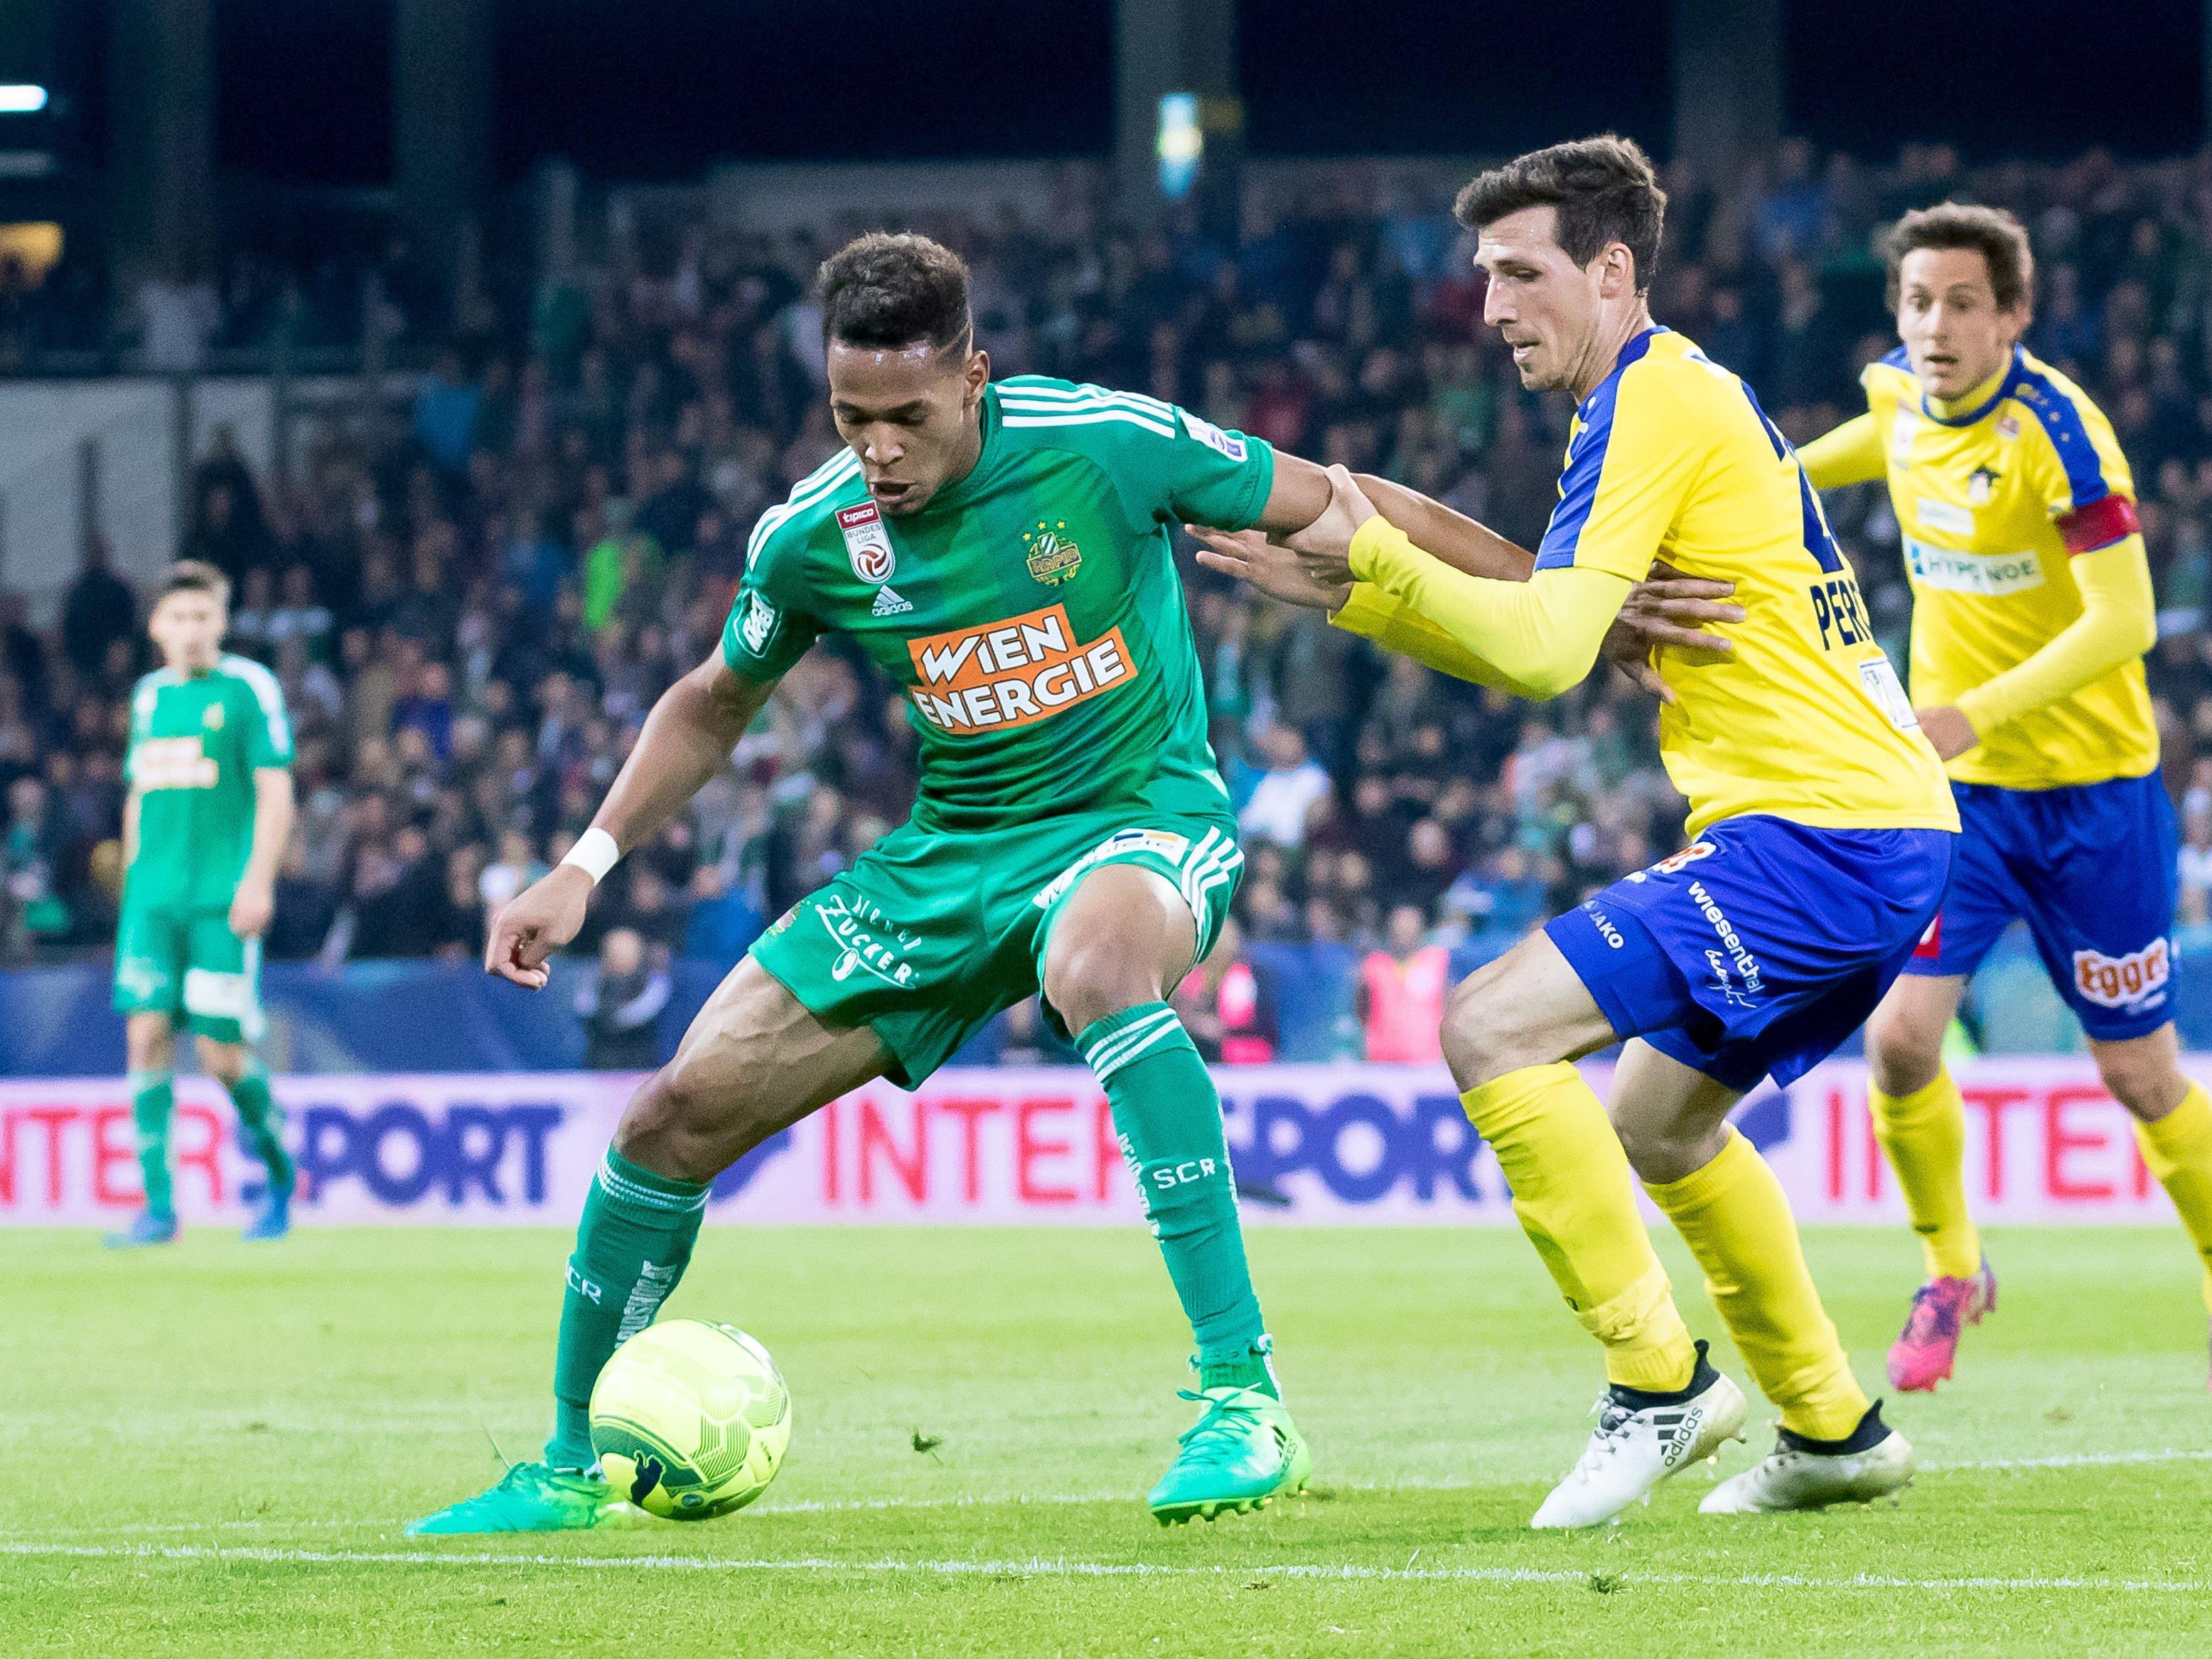 LIVE-Ticker zum Spiel SKN St. Pölten gegen SK Rapid Wien ab 18.30 Uhr.